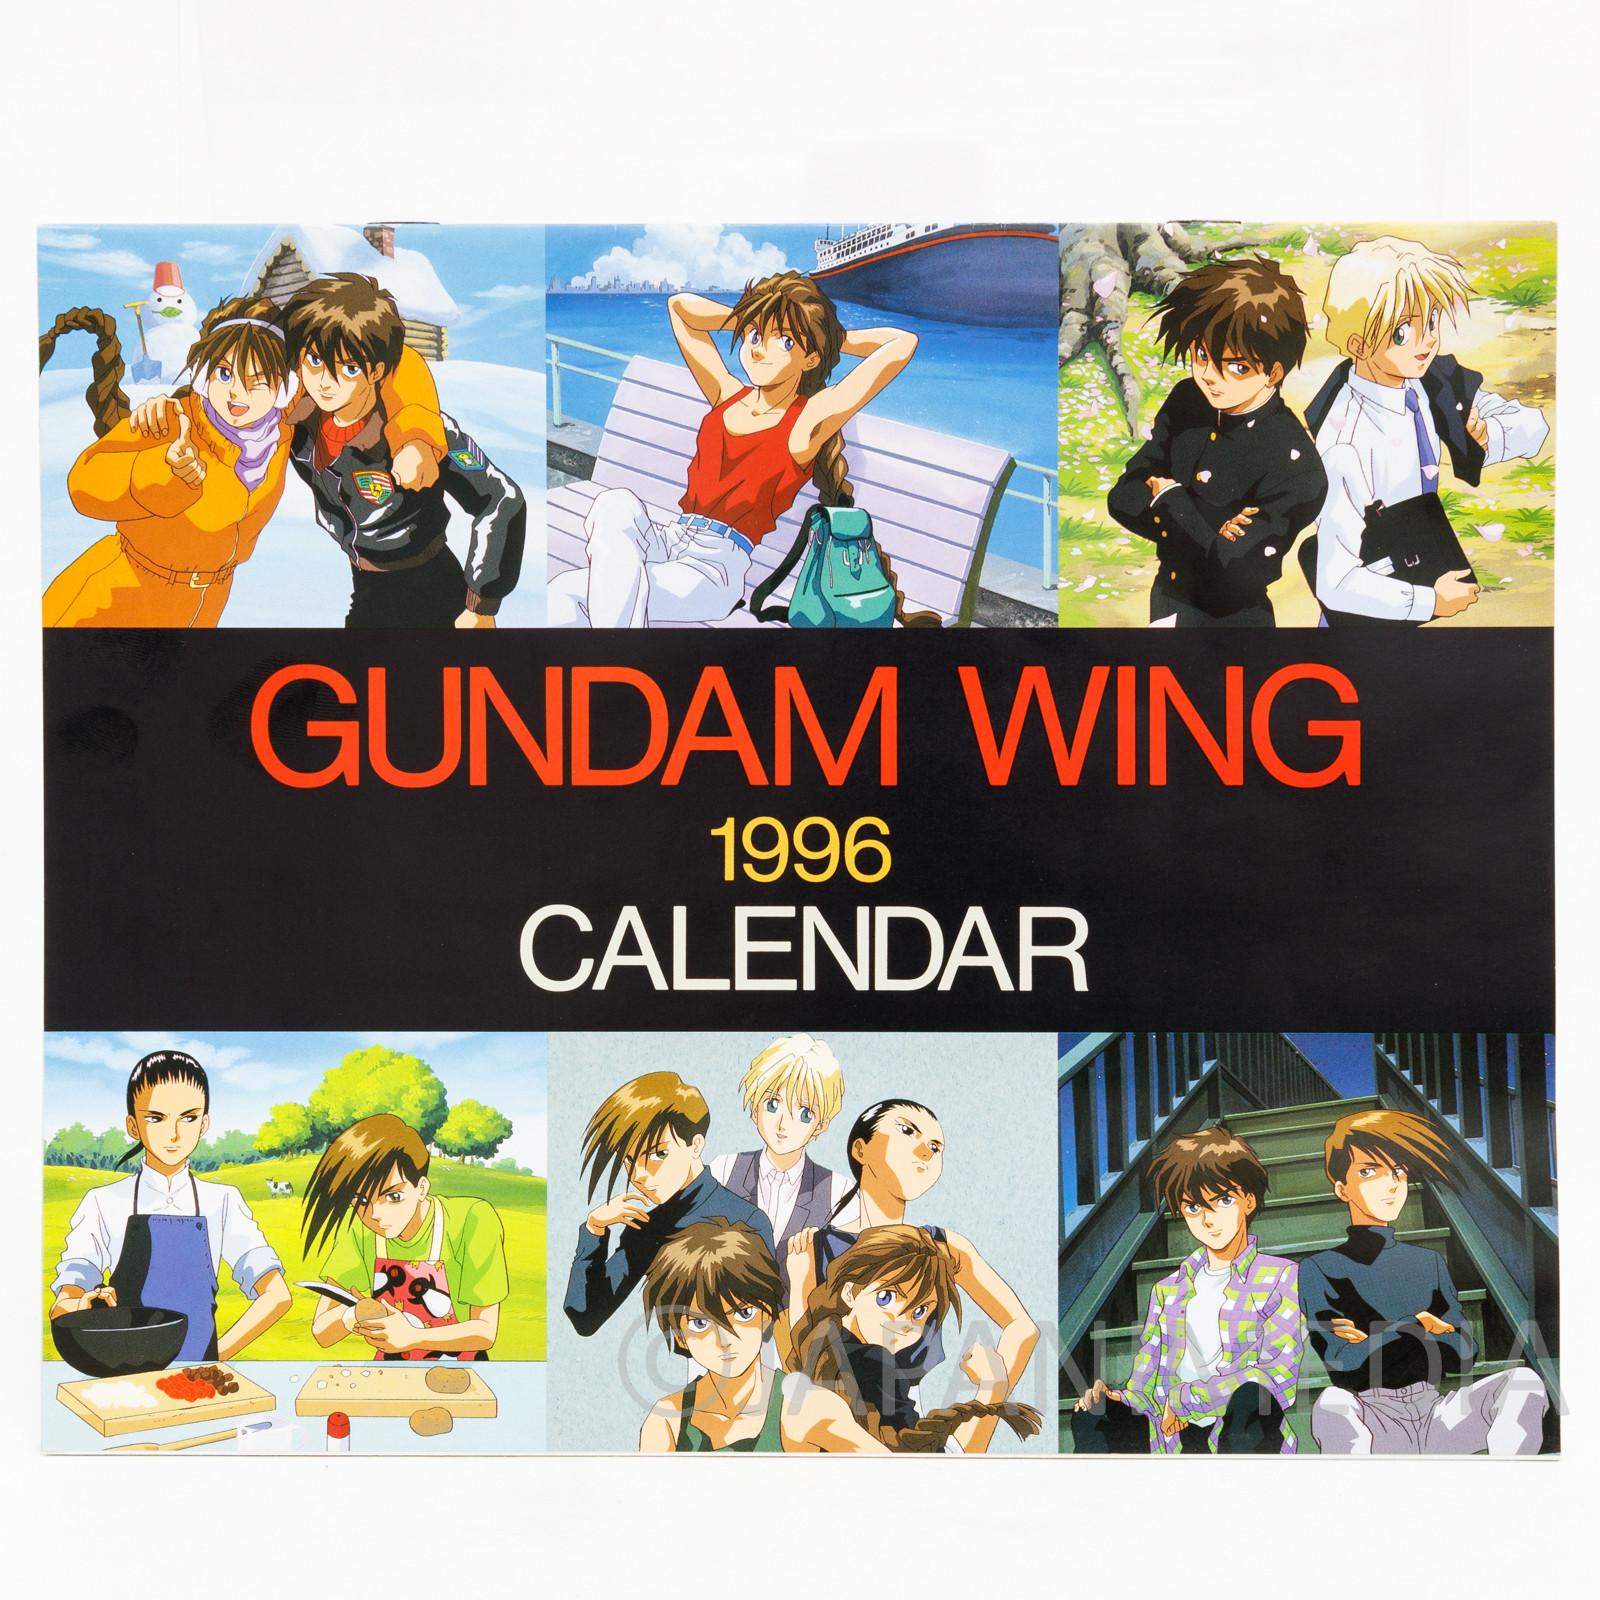 Gundam W Wing Poster Calendar 1996 Heero Duo Quatre Trowa Wufei